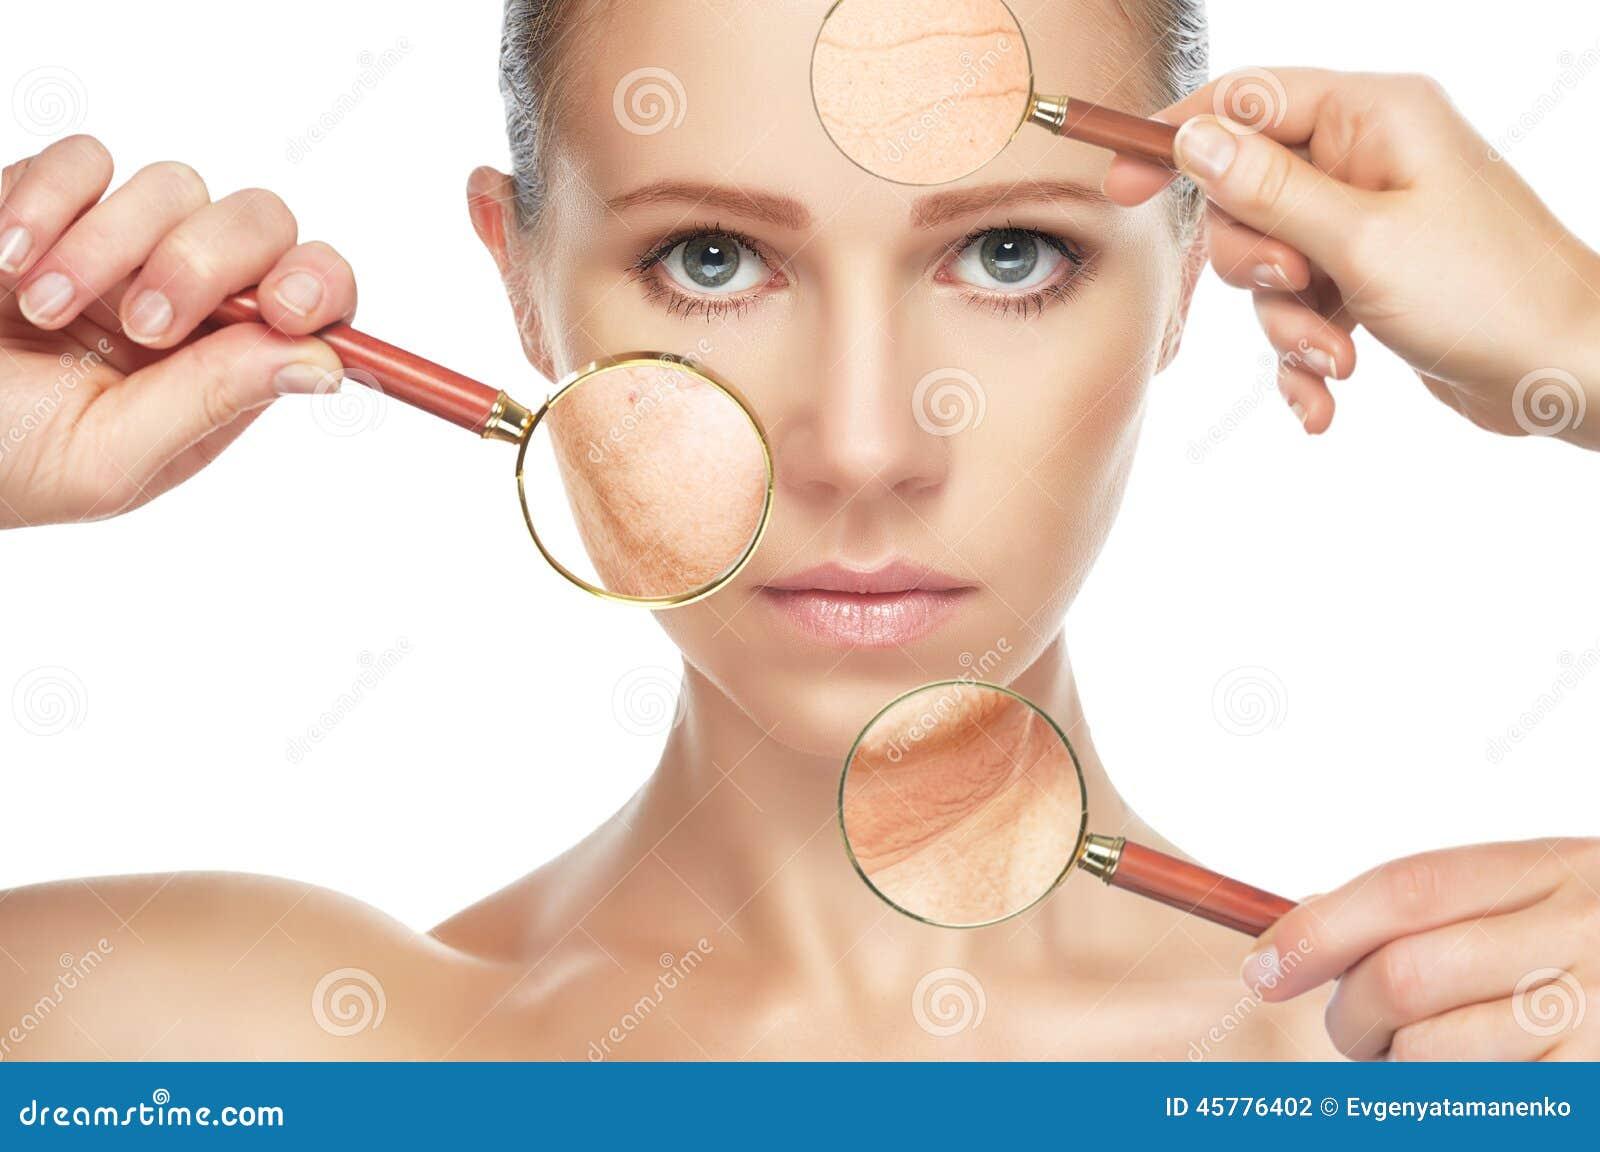 Envejecimiento de la piel del concepto de la belleza procedimientos antienvejecedores, rejuvenecimiento, levantando, ajuste de la